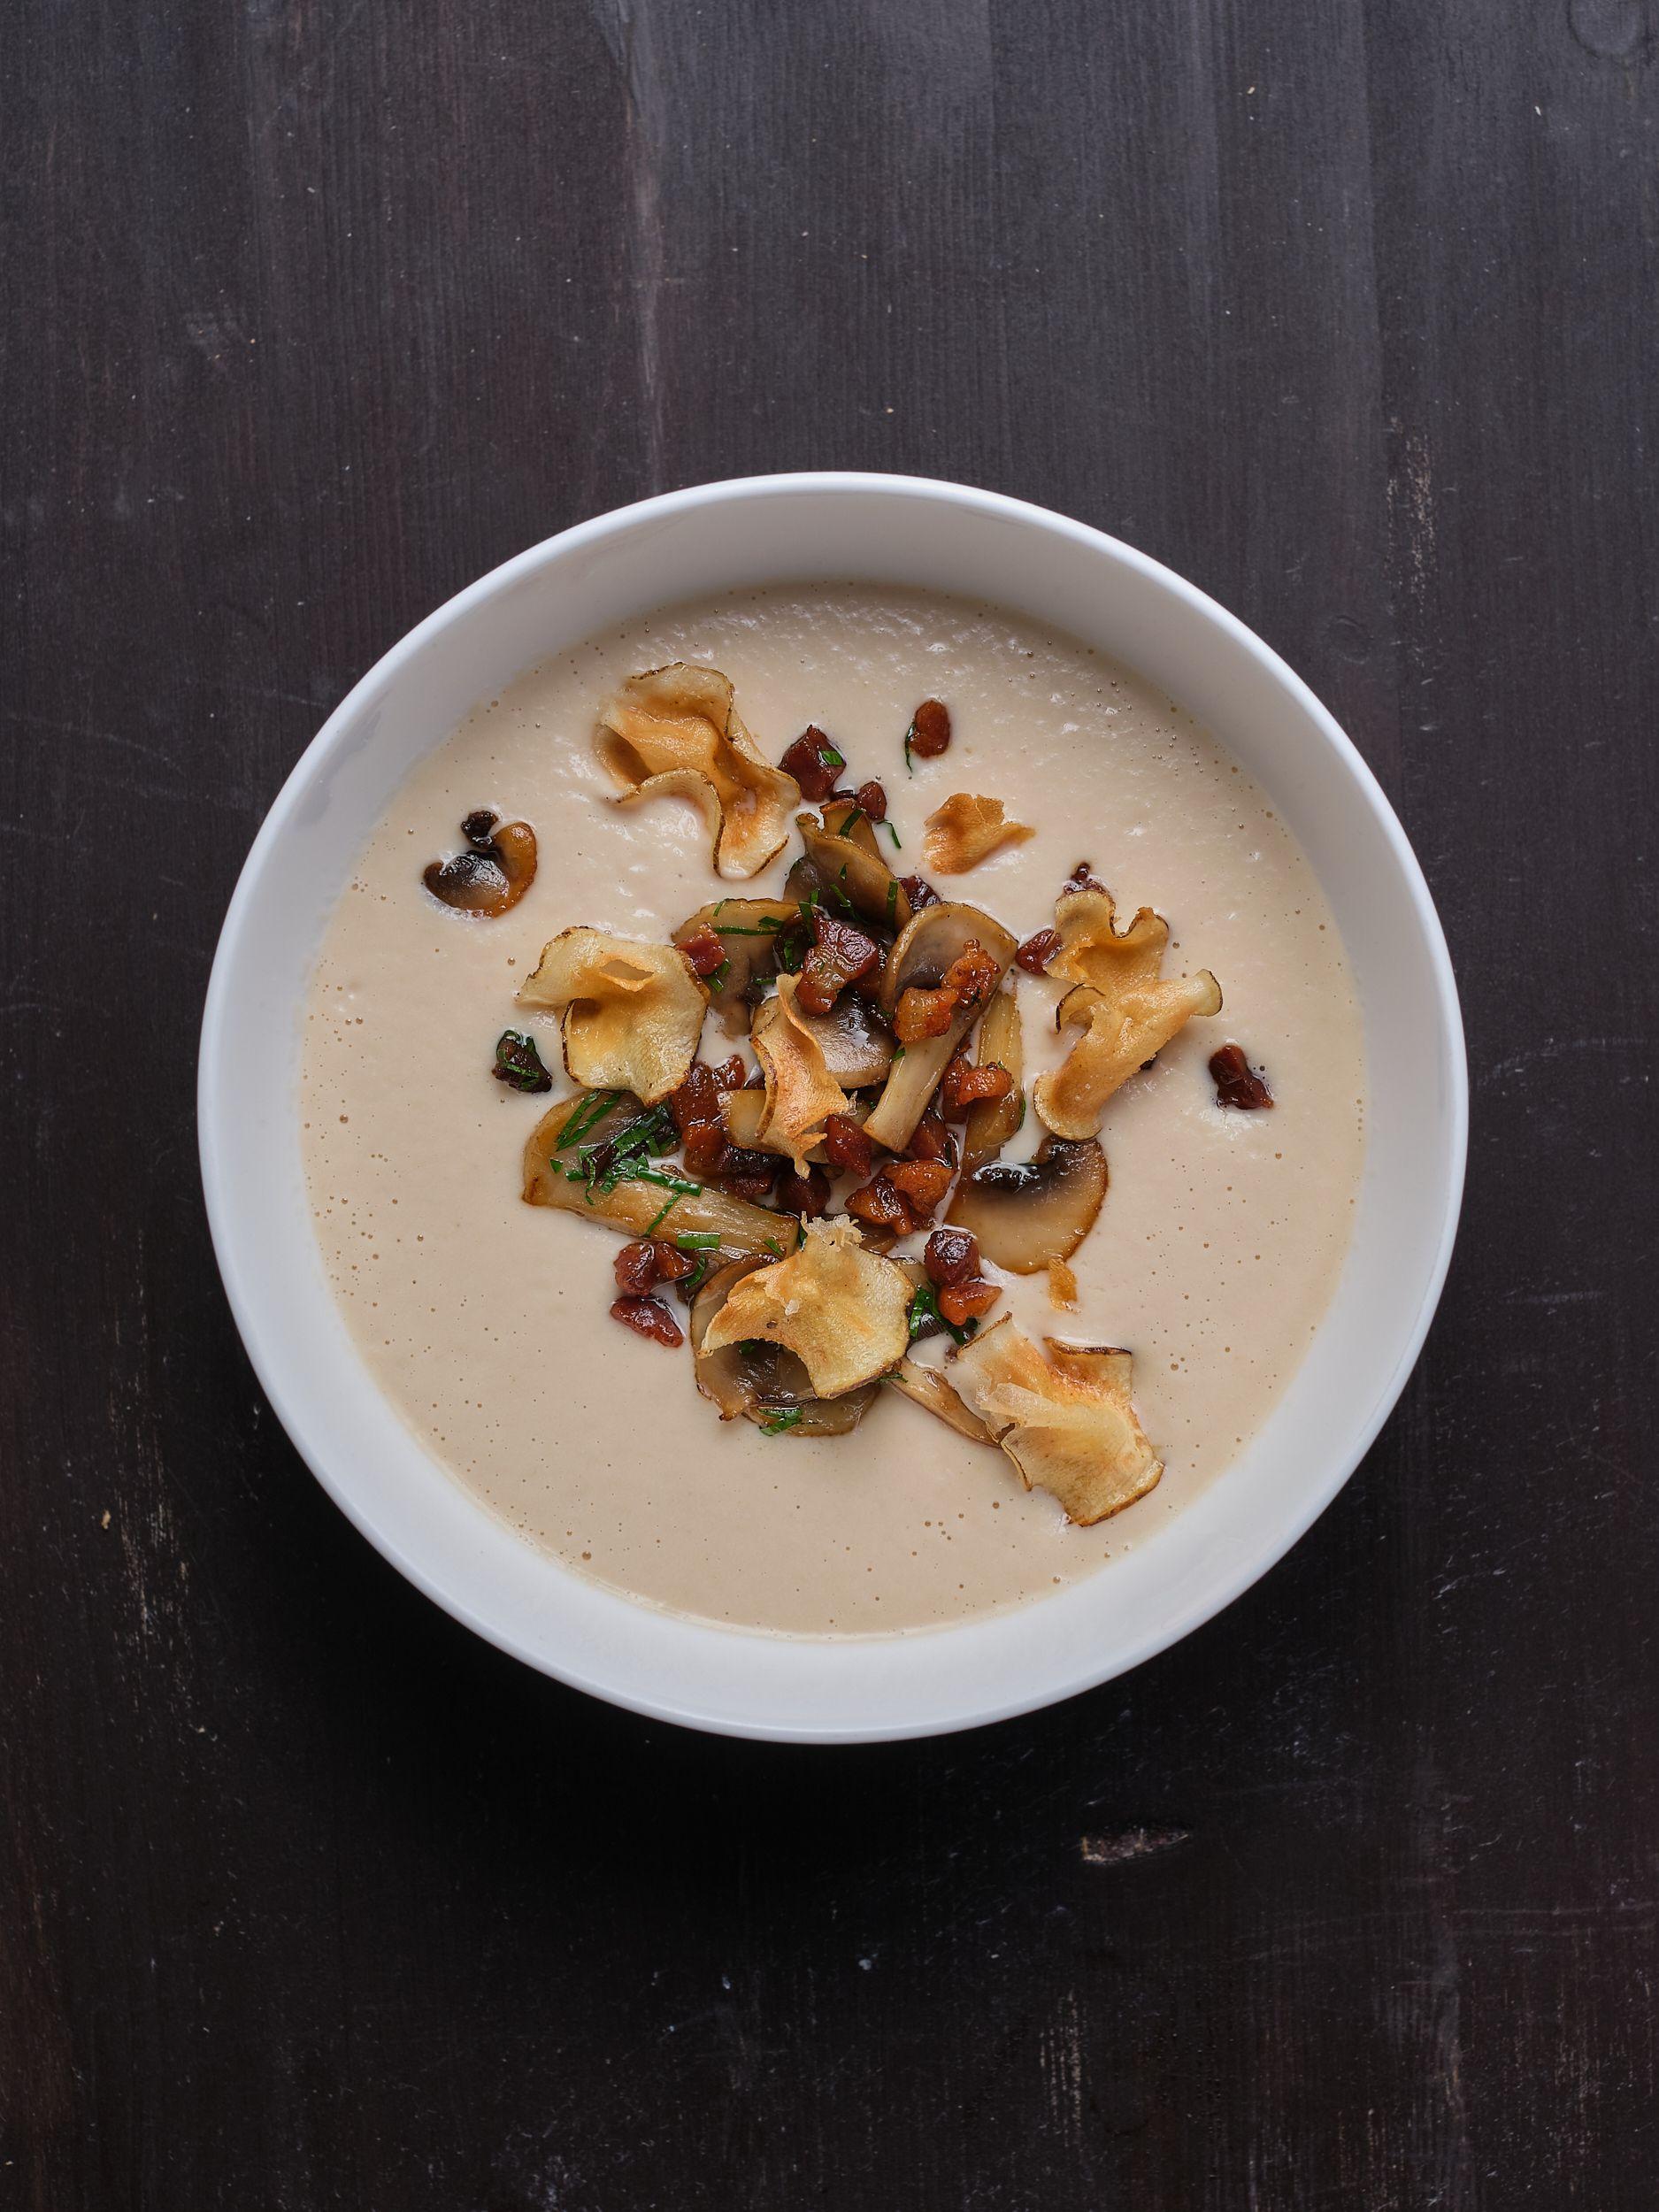 Suppe: grunnprinsipper og fremgangsmåte